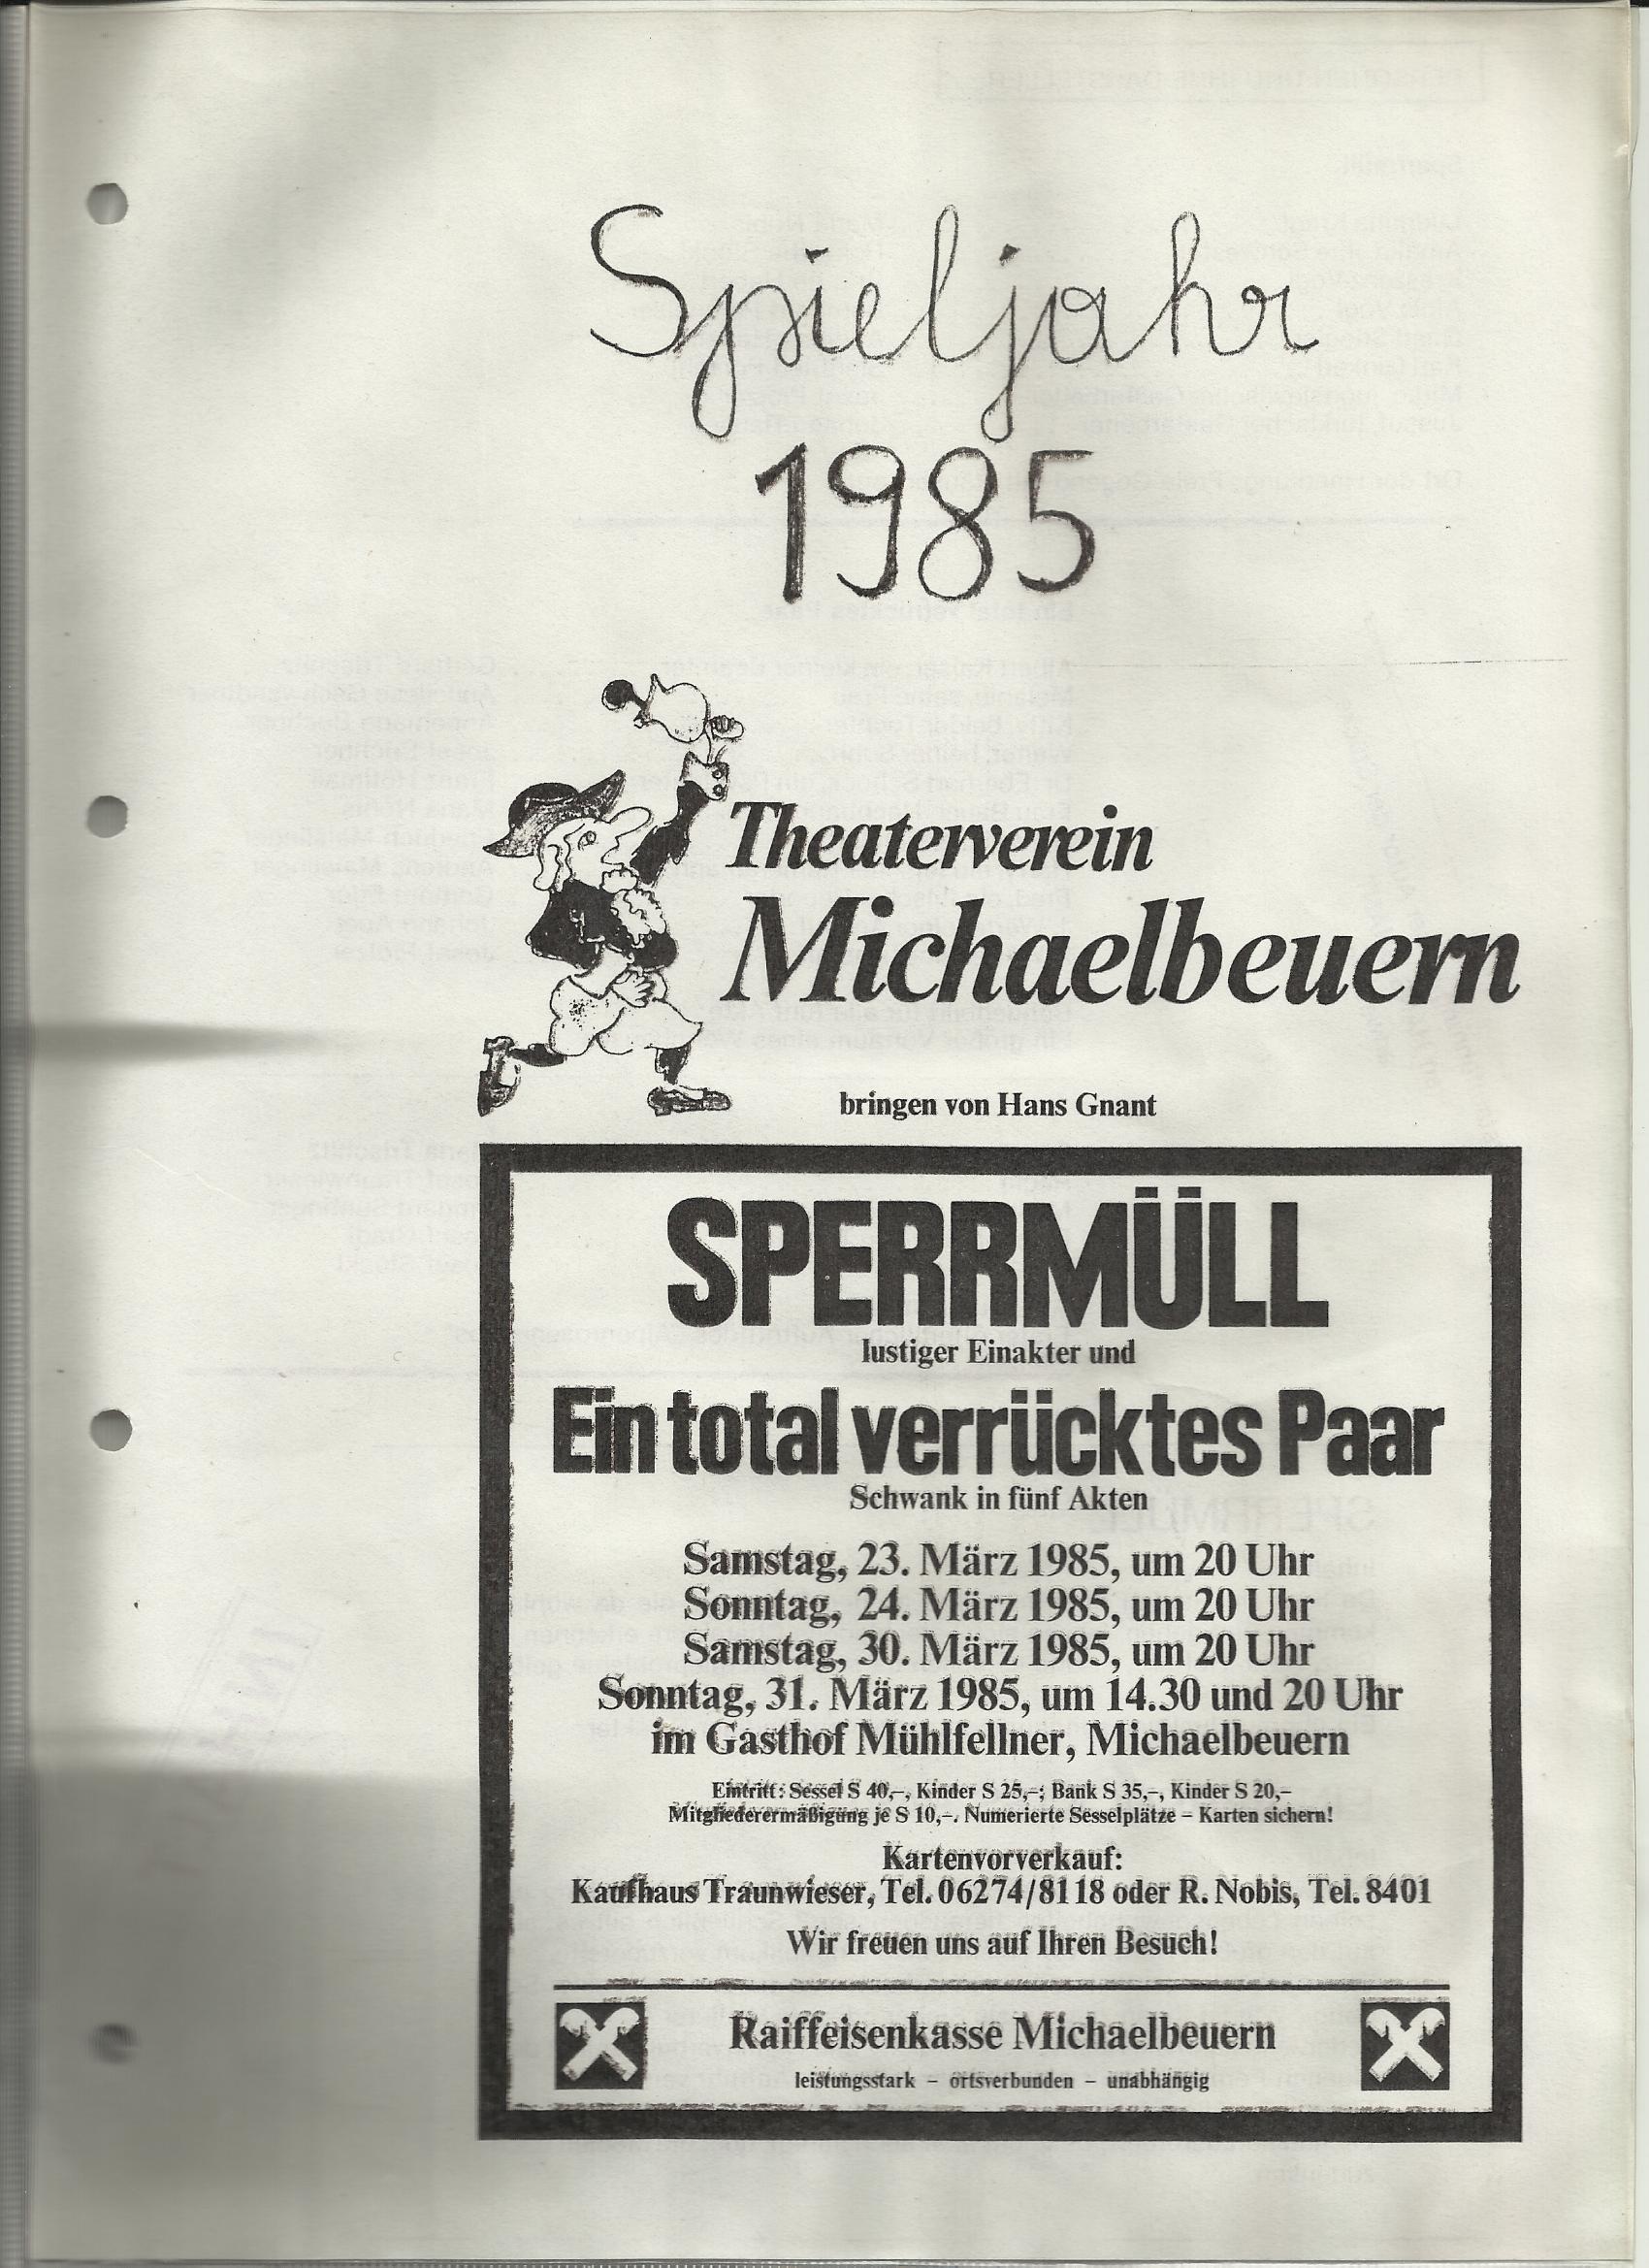 TV 1985 Spermull und Ein to tal verrücktes Paar0001